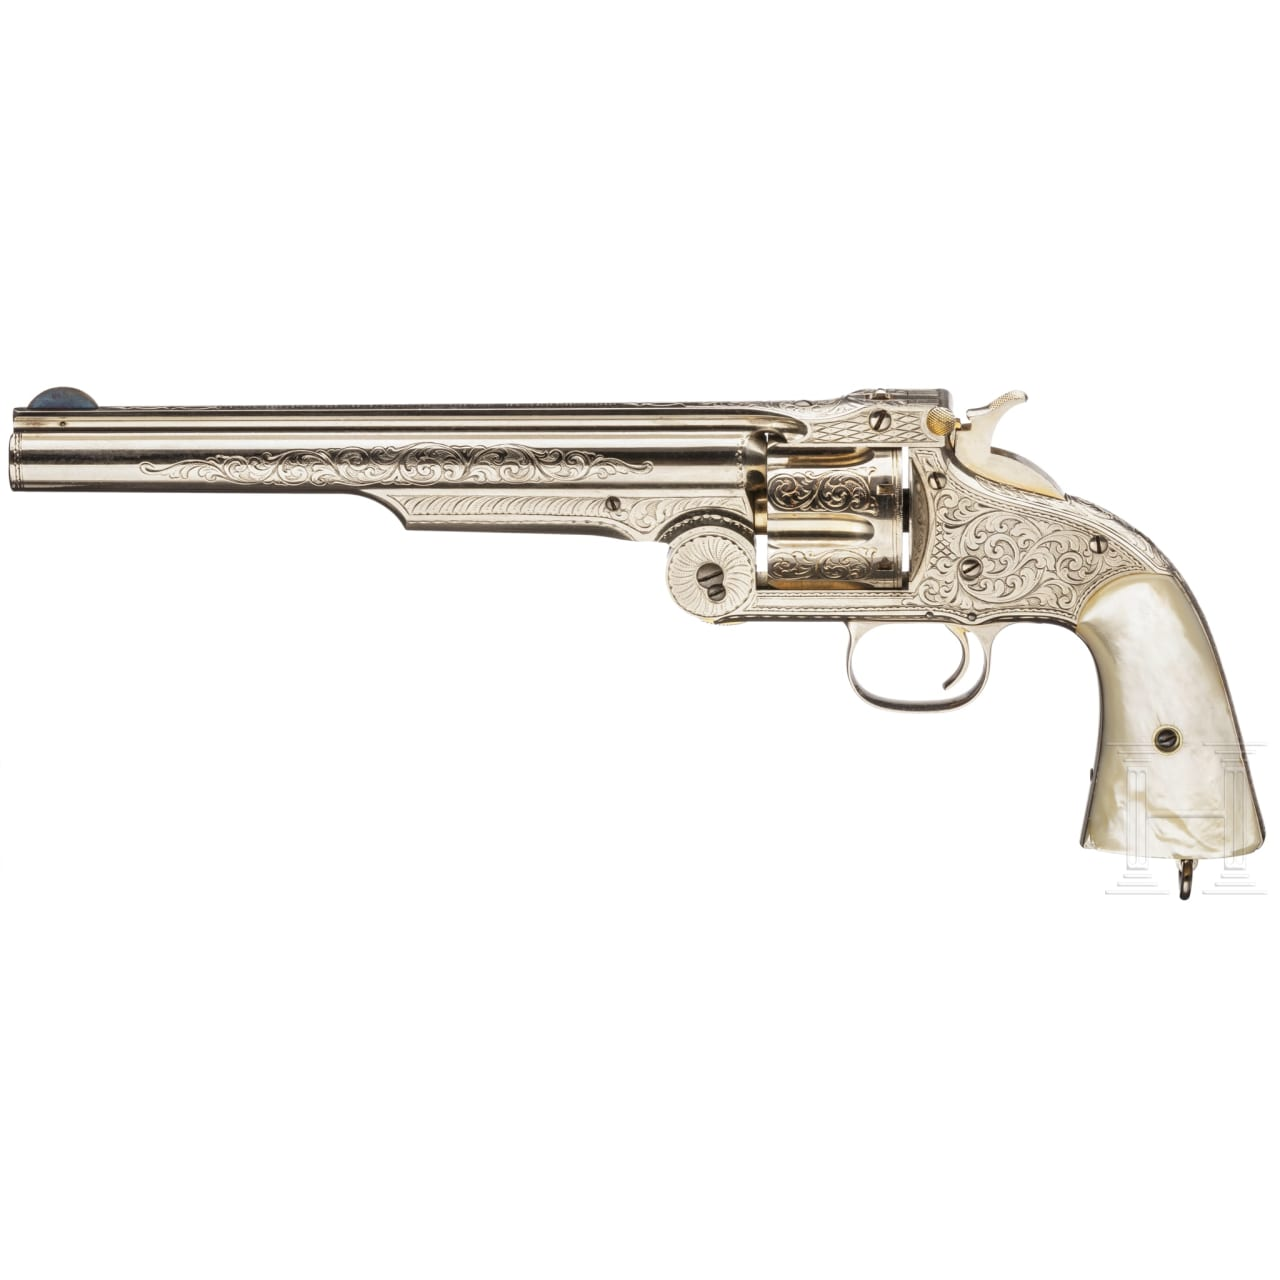 Smith & Wesson Model 3 Russian First Model in Luxus-Ausführung, im Kasten